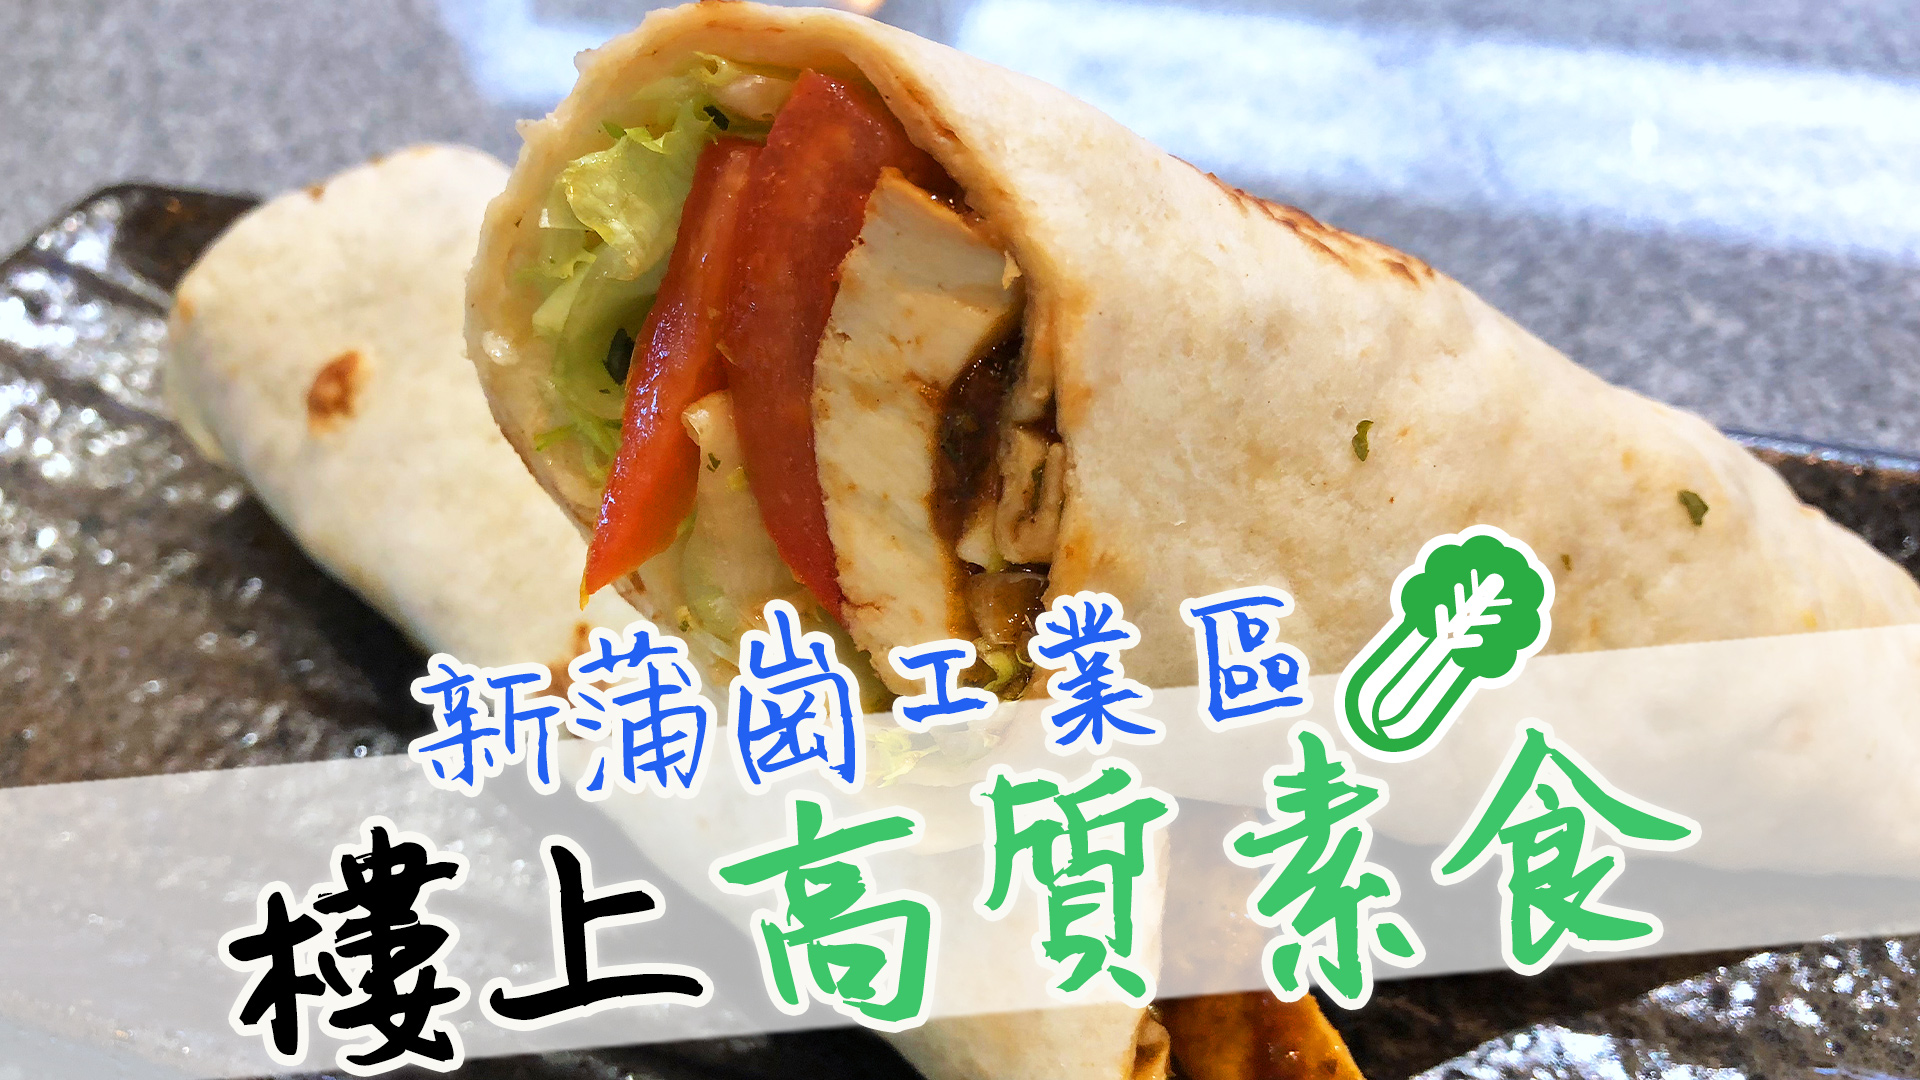 愛家素食 新蒲崗工業區 樓上高質素食 【按圖睇片】